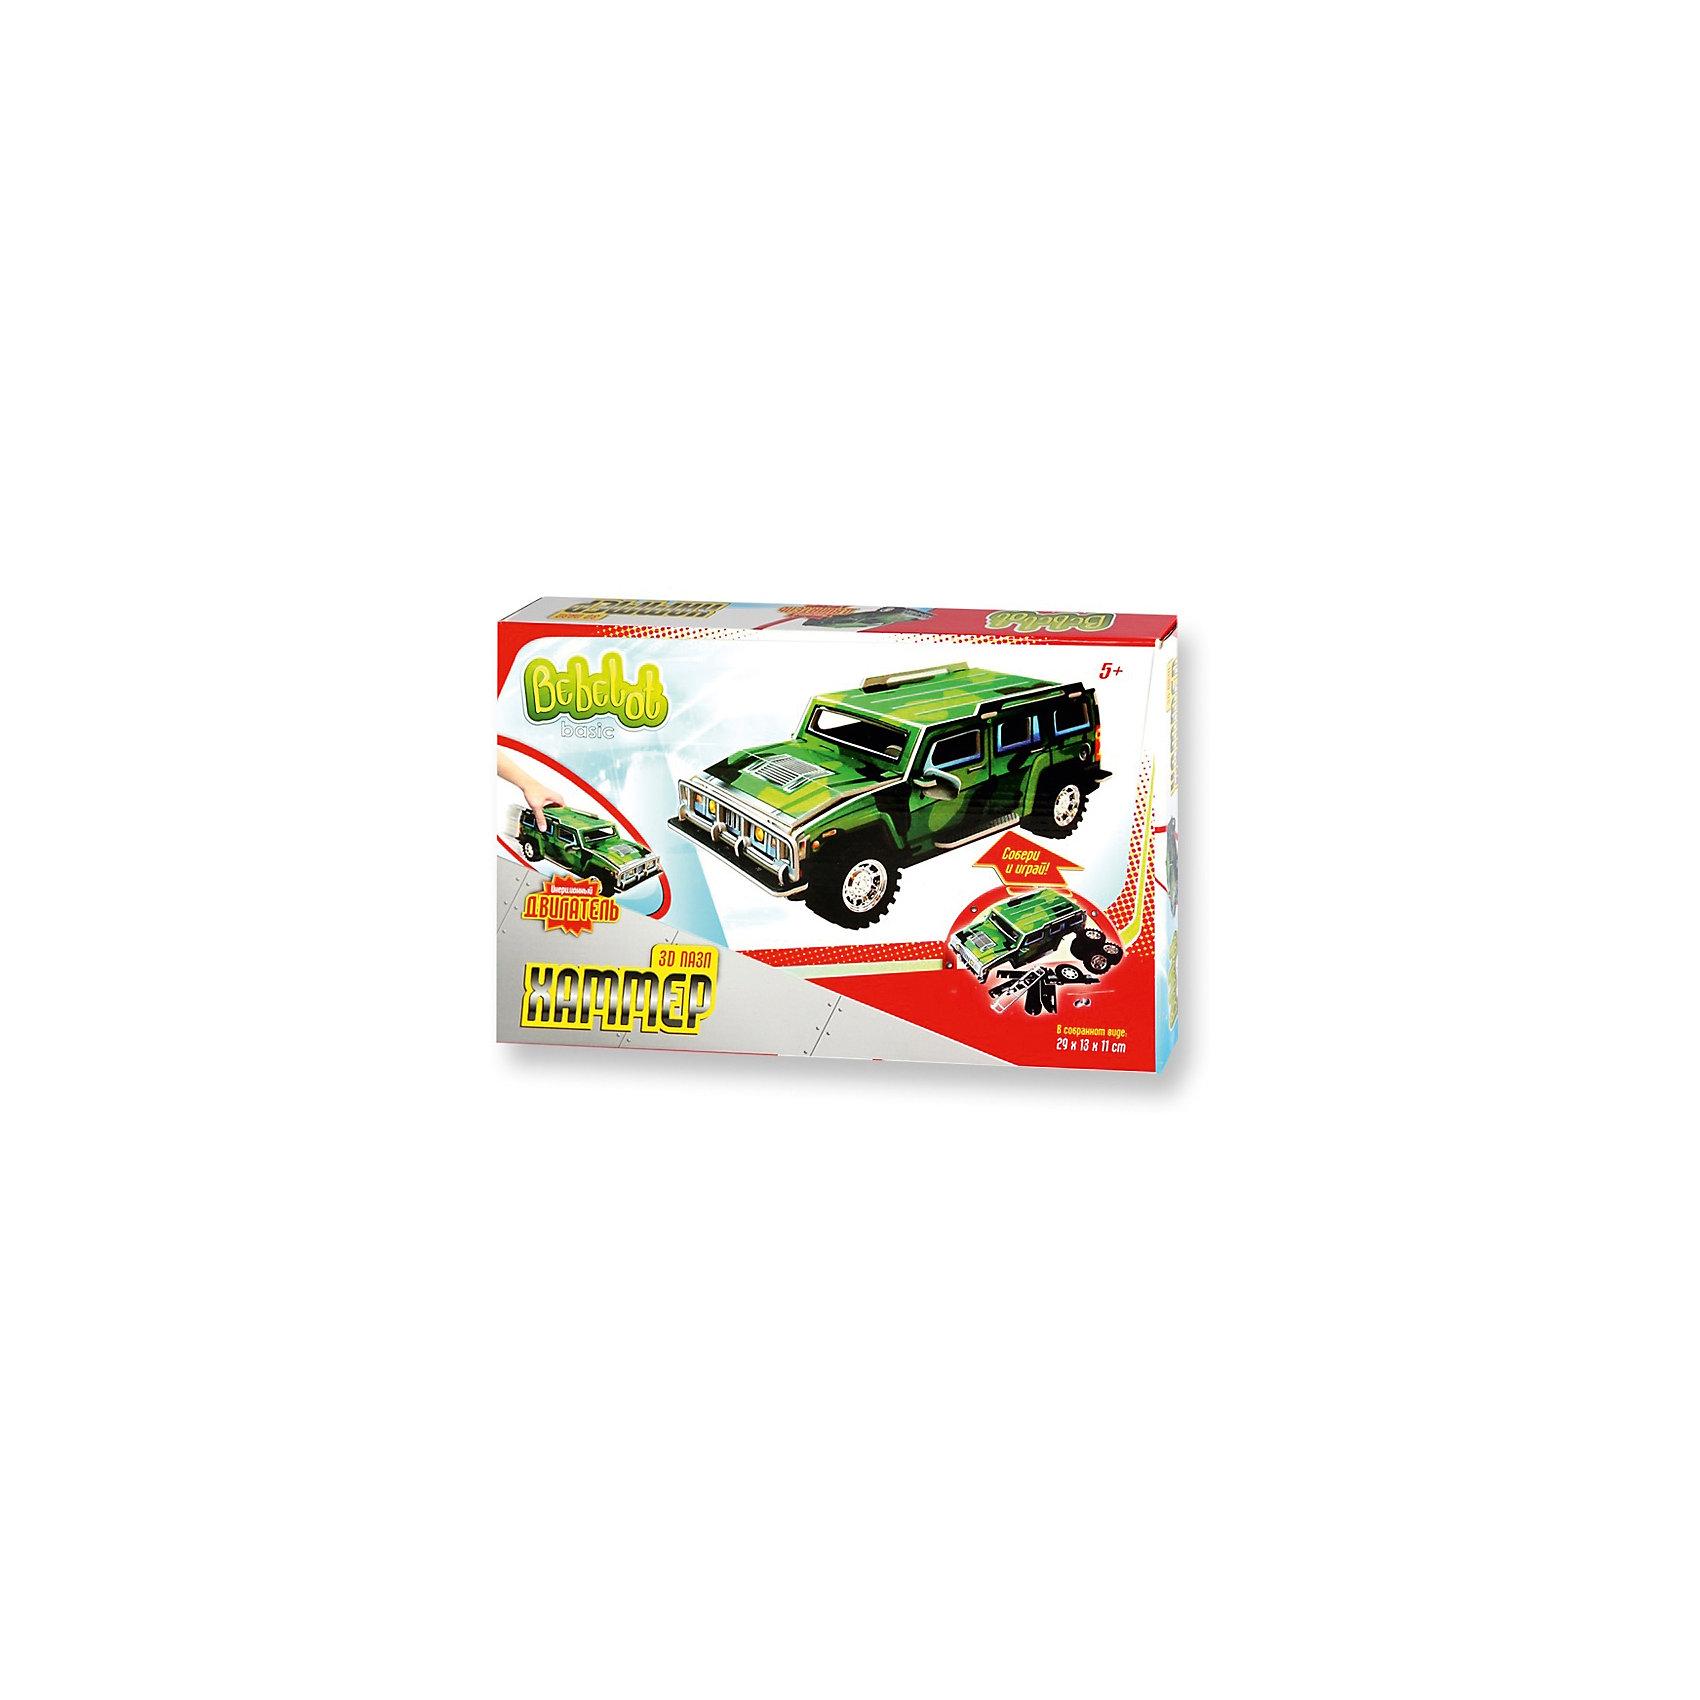 3D пазл Basic Хаммер большой, Bebelot3D пазлы<br>Характеристики товара:<br><br>• возраст от 3 лет;<br>• материал: пластик, картон, металл;<br>• в наборе: 4 листа пенокартона, 4 колеса, 2 оси, двигатель, инструкция;<br>• размер машины 29х13х11 см;<br>• размер упаковки 33х22х5 см;<br>• вес упаковки 335 гр.;<br>• страна производитель: Китай.<br><br>3D пазл Basic «Хаммер» Bebelot позволит создать объемную модель автомобиля Хаммер. Машина работает от инерционного двигателя и ездит по поверхности. С ней можно играть и устраивать захватывающие заезды. Сборка пазла развивает у детей мышление, усидчивость, внимательность.<br><br>3D пазл Basic «Хаммер» Bebelot можно приобрести в нашем интернет-магазине.<br><br>Ширина мм: 330<br>Глубина мм: 220<br>Высота мм: 50<br>Вес г: 335<br>Возраст от месяцев: 36<br>Возраст до месяцев: 72<br>Пол: Мужской<br>Возраст: Детский<br>SKU: 5581215